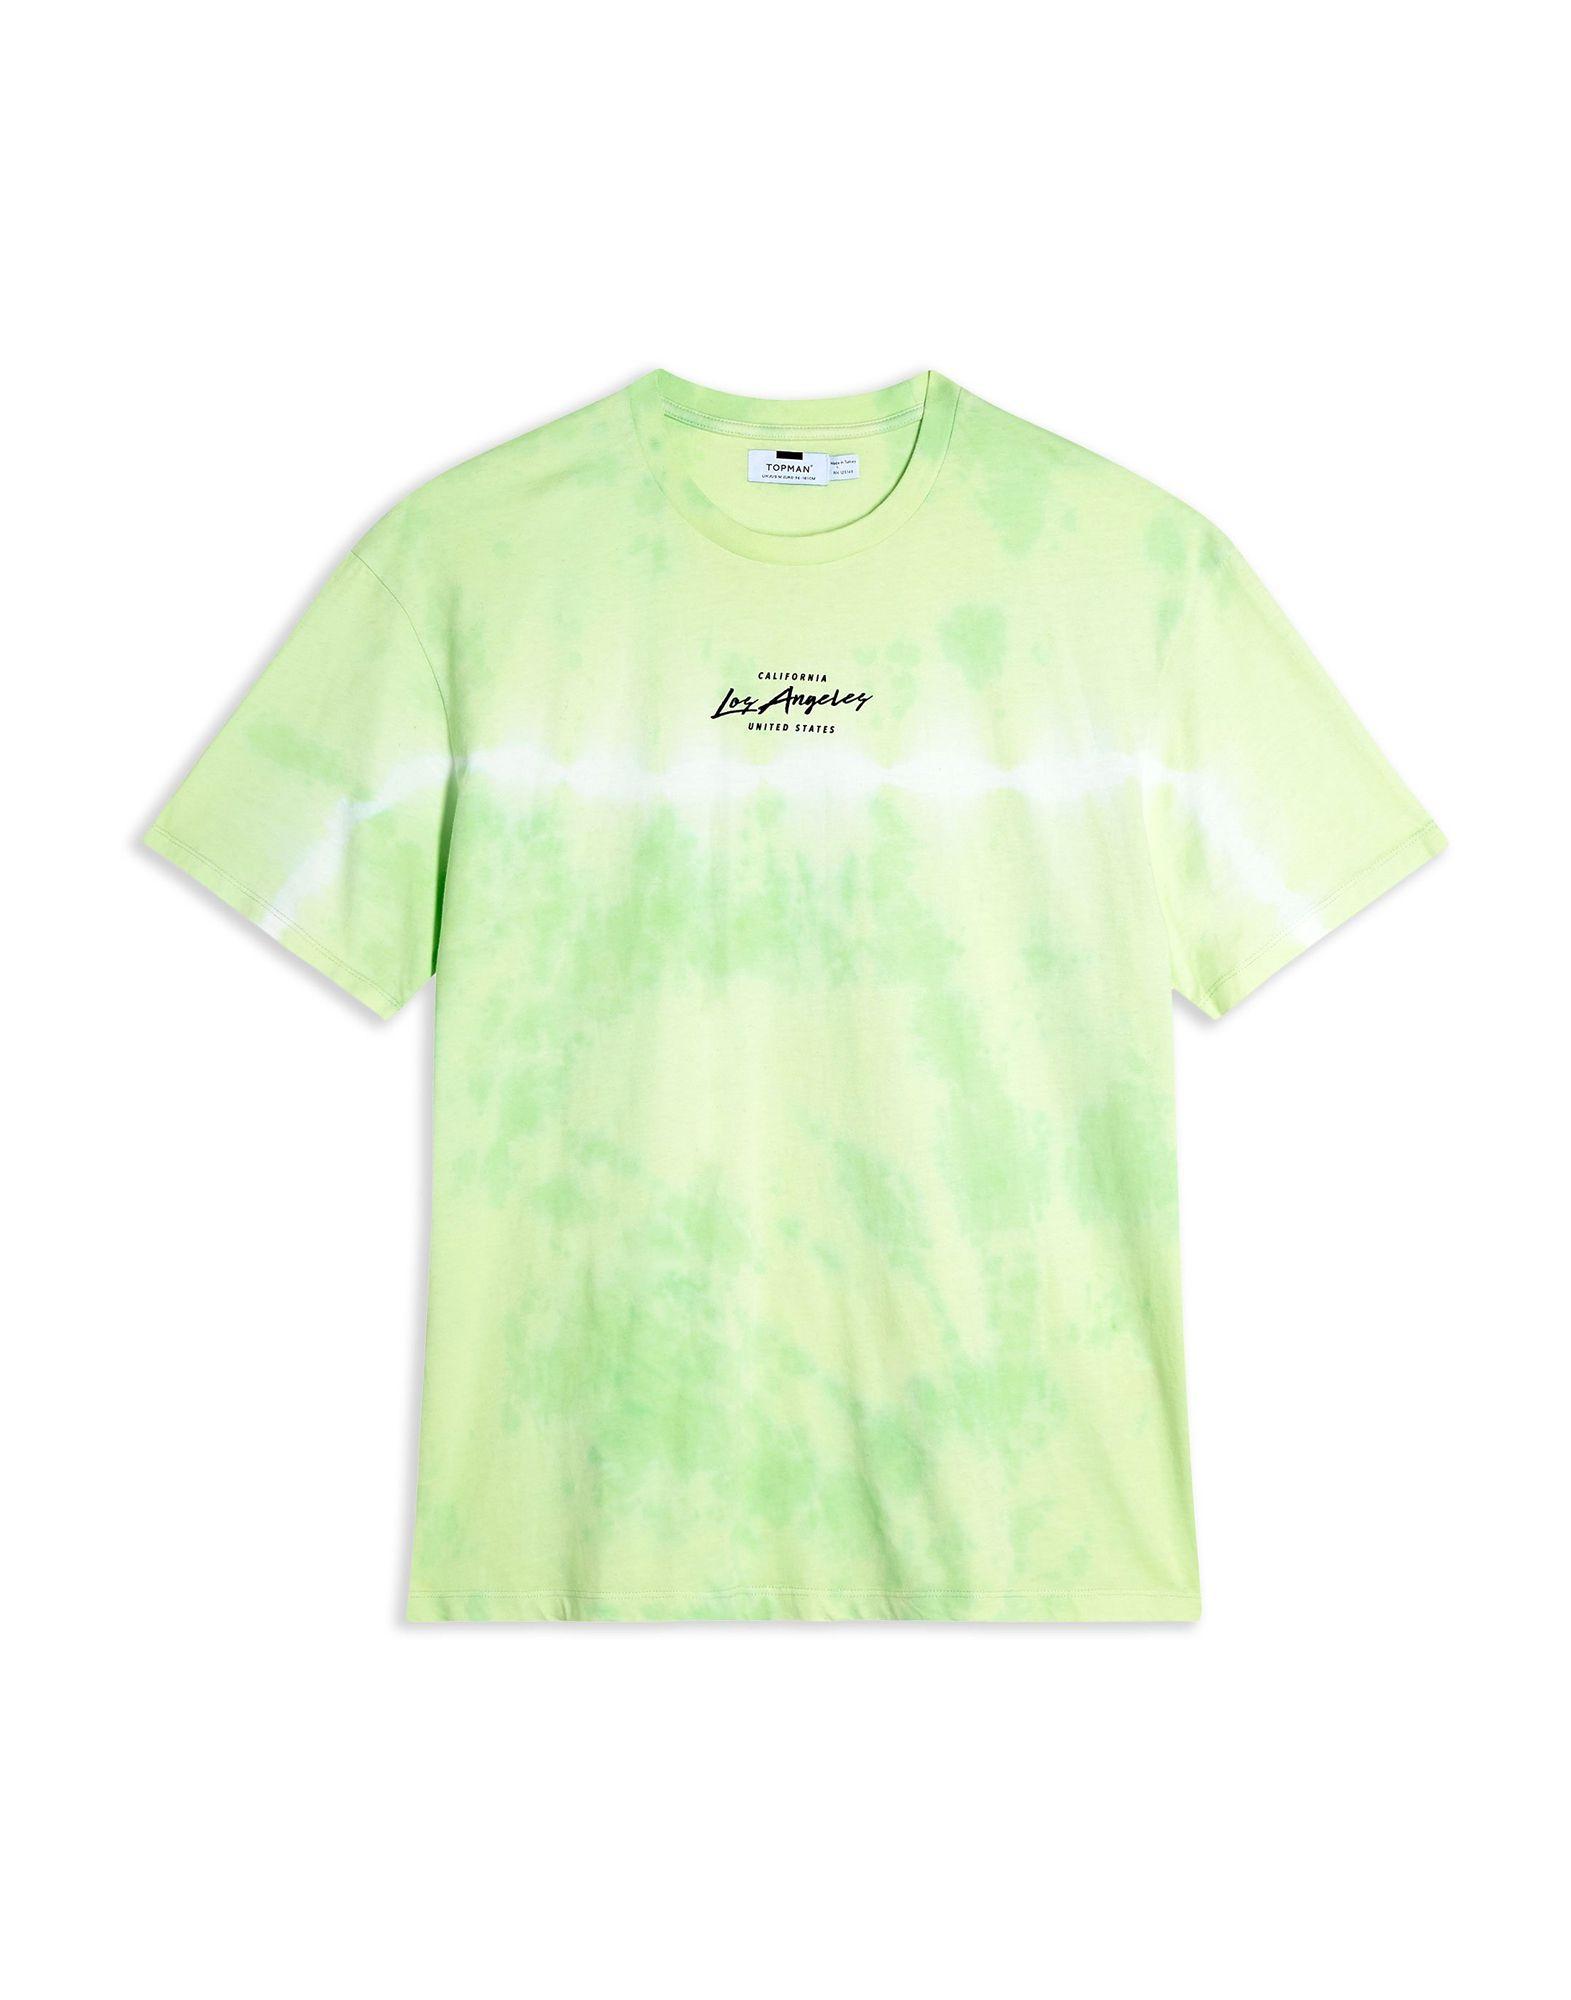 T-Shirt Topman verde Tie Dye 'La' T-Shirt - uomo - - - 12367424PW 88c